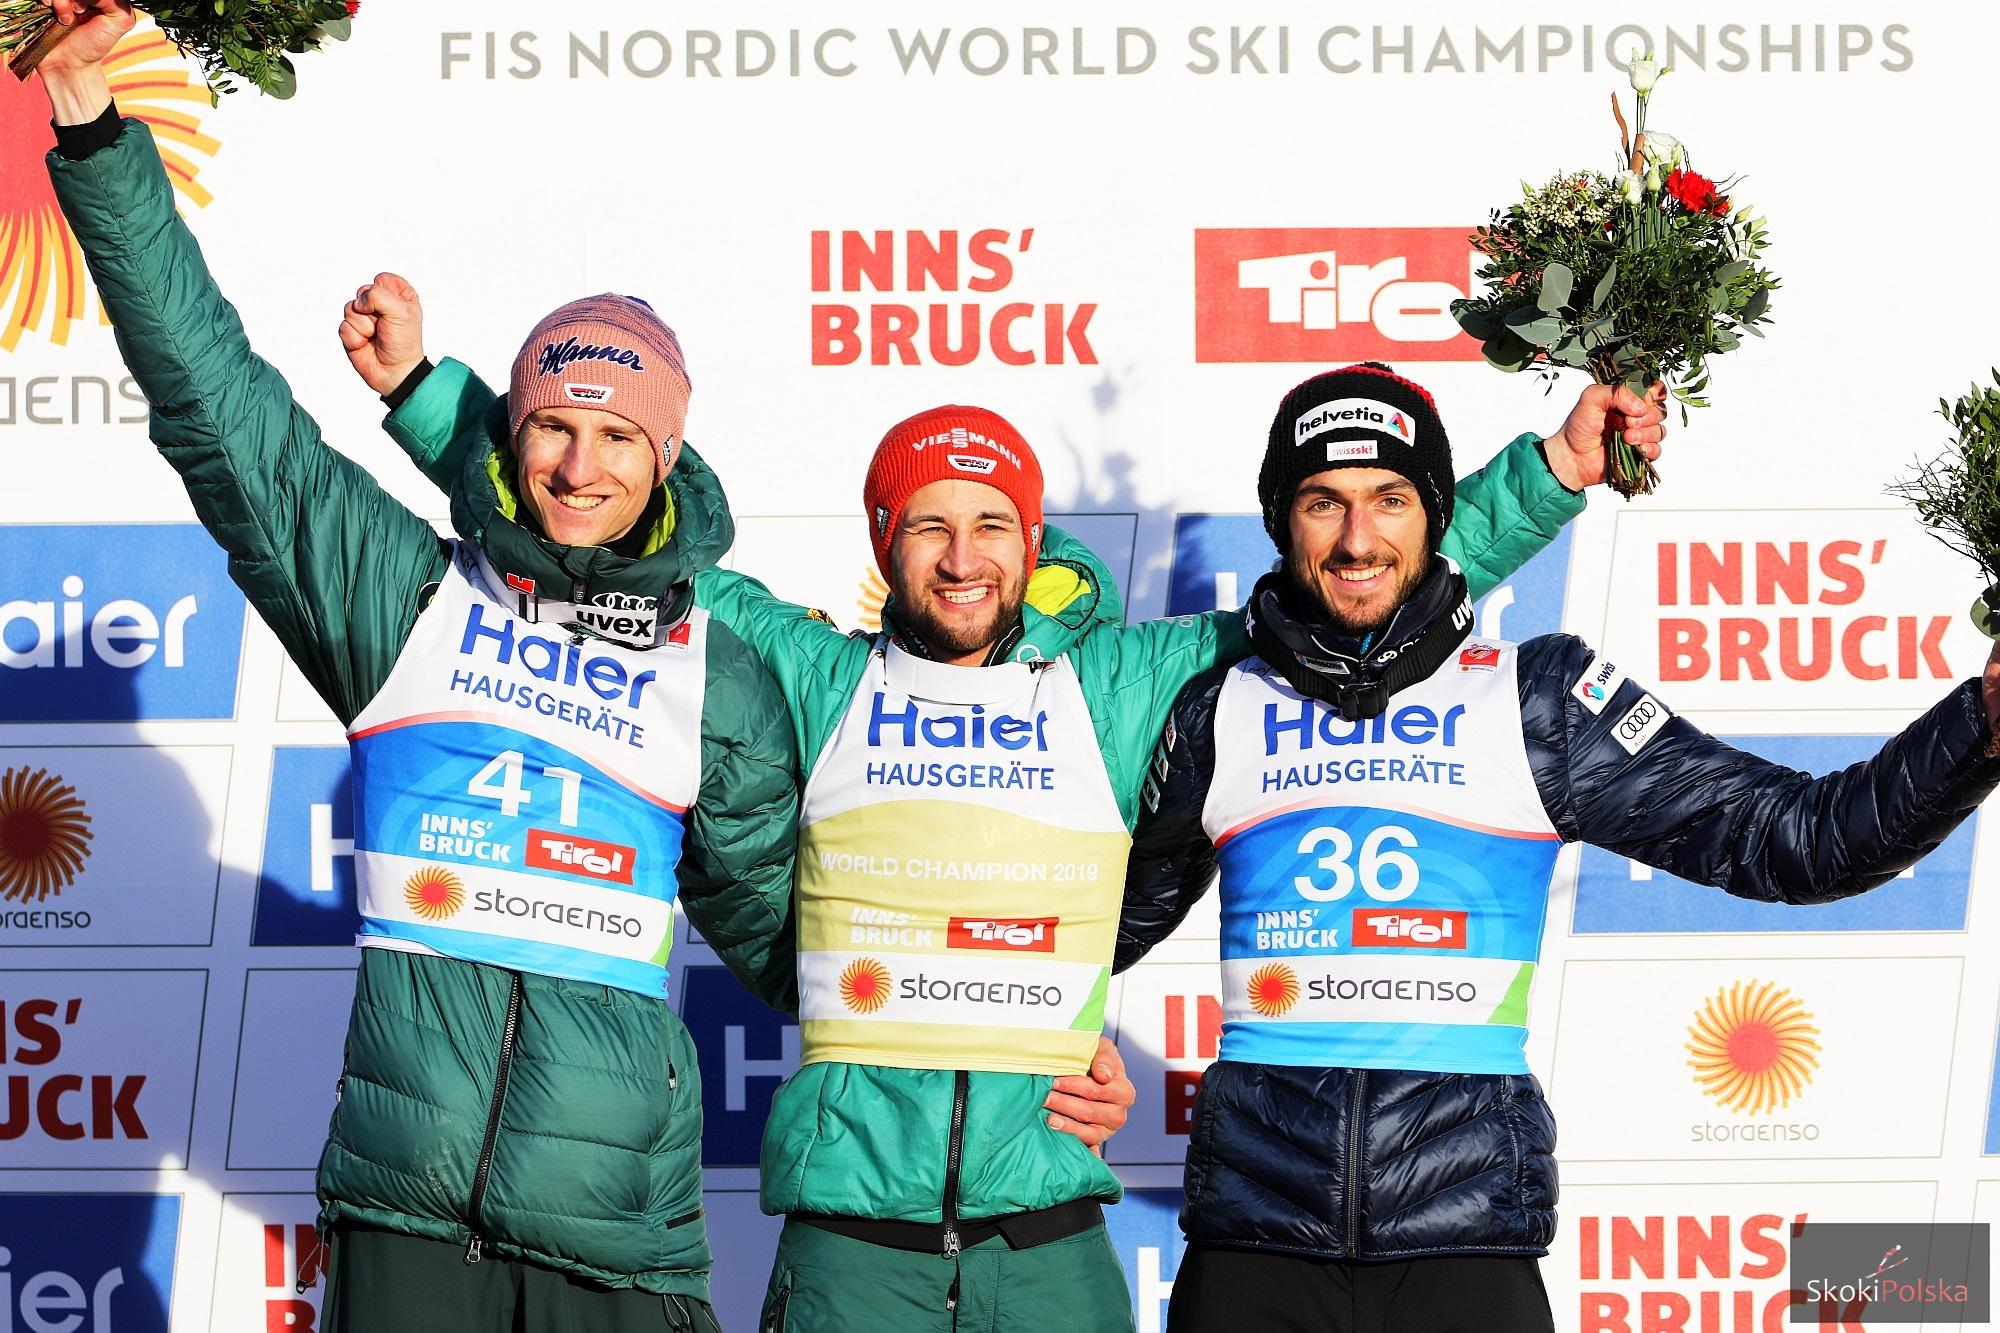 MŚ Oberstdorf: Czas na walkę o medale na dużej skoczni. Czy będzie kolejne polskie złoto? [LIVE]